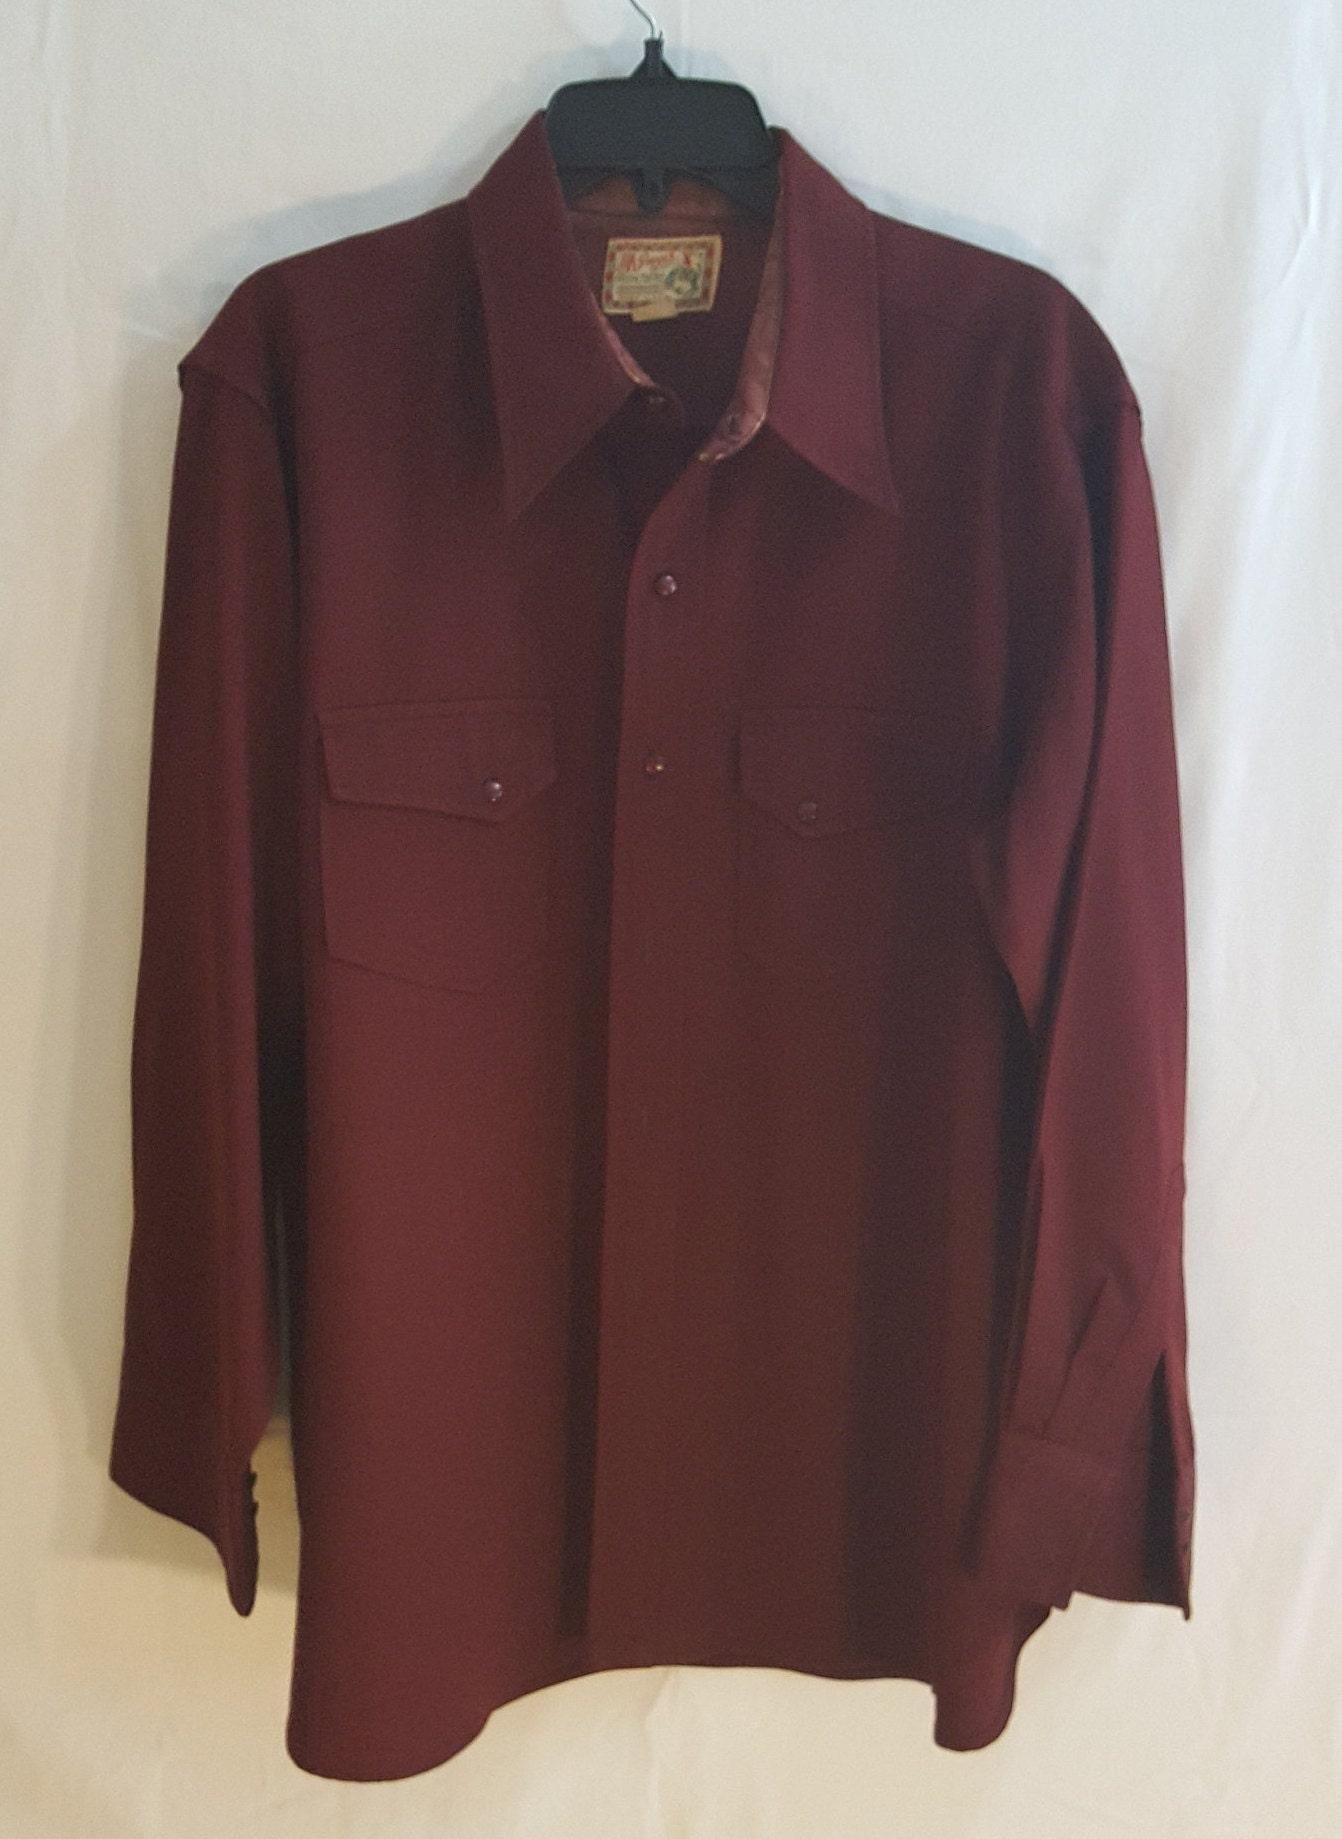 1940s Mens Ties | Wide Ties & Painted Ties 1940S Mens Classic Burgundy Shirt WWestern Style M $23.33 AT vintagedancer.com